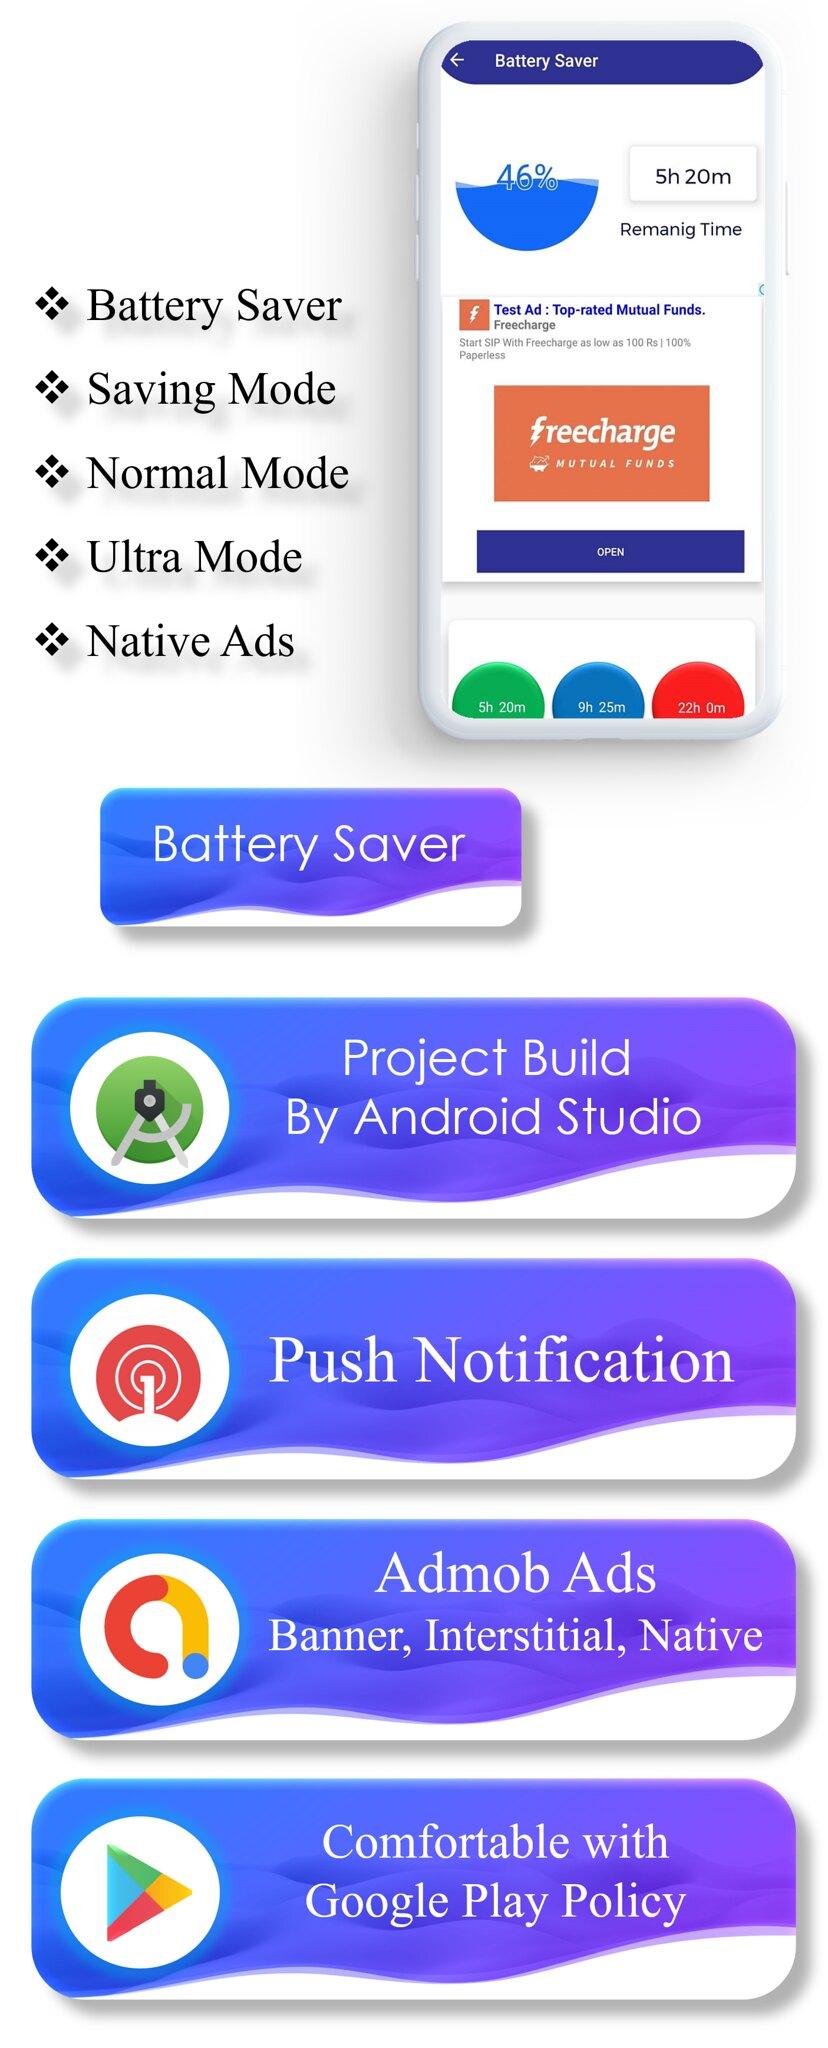 TOTO - VPN | VPN App | Facebook Ads | Admob Ads | Ads Manage Remotely | VPN | VPN Subscription Plan - 9